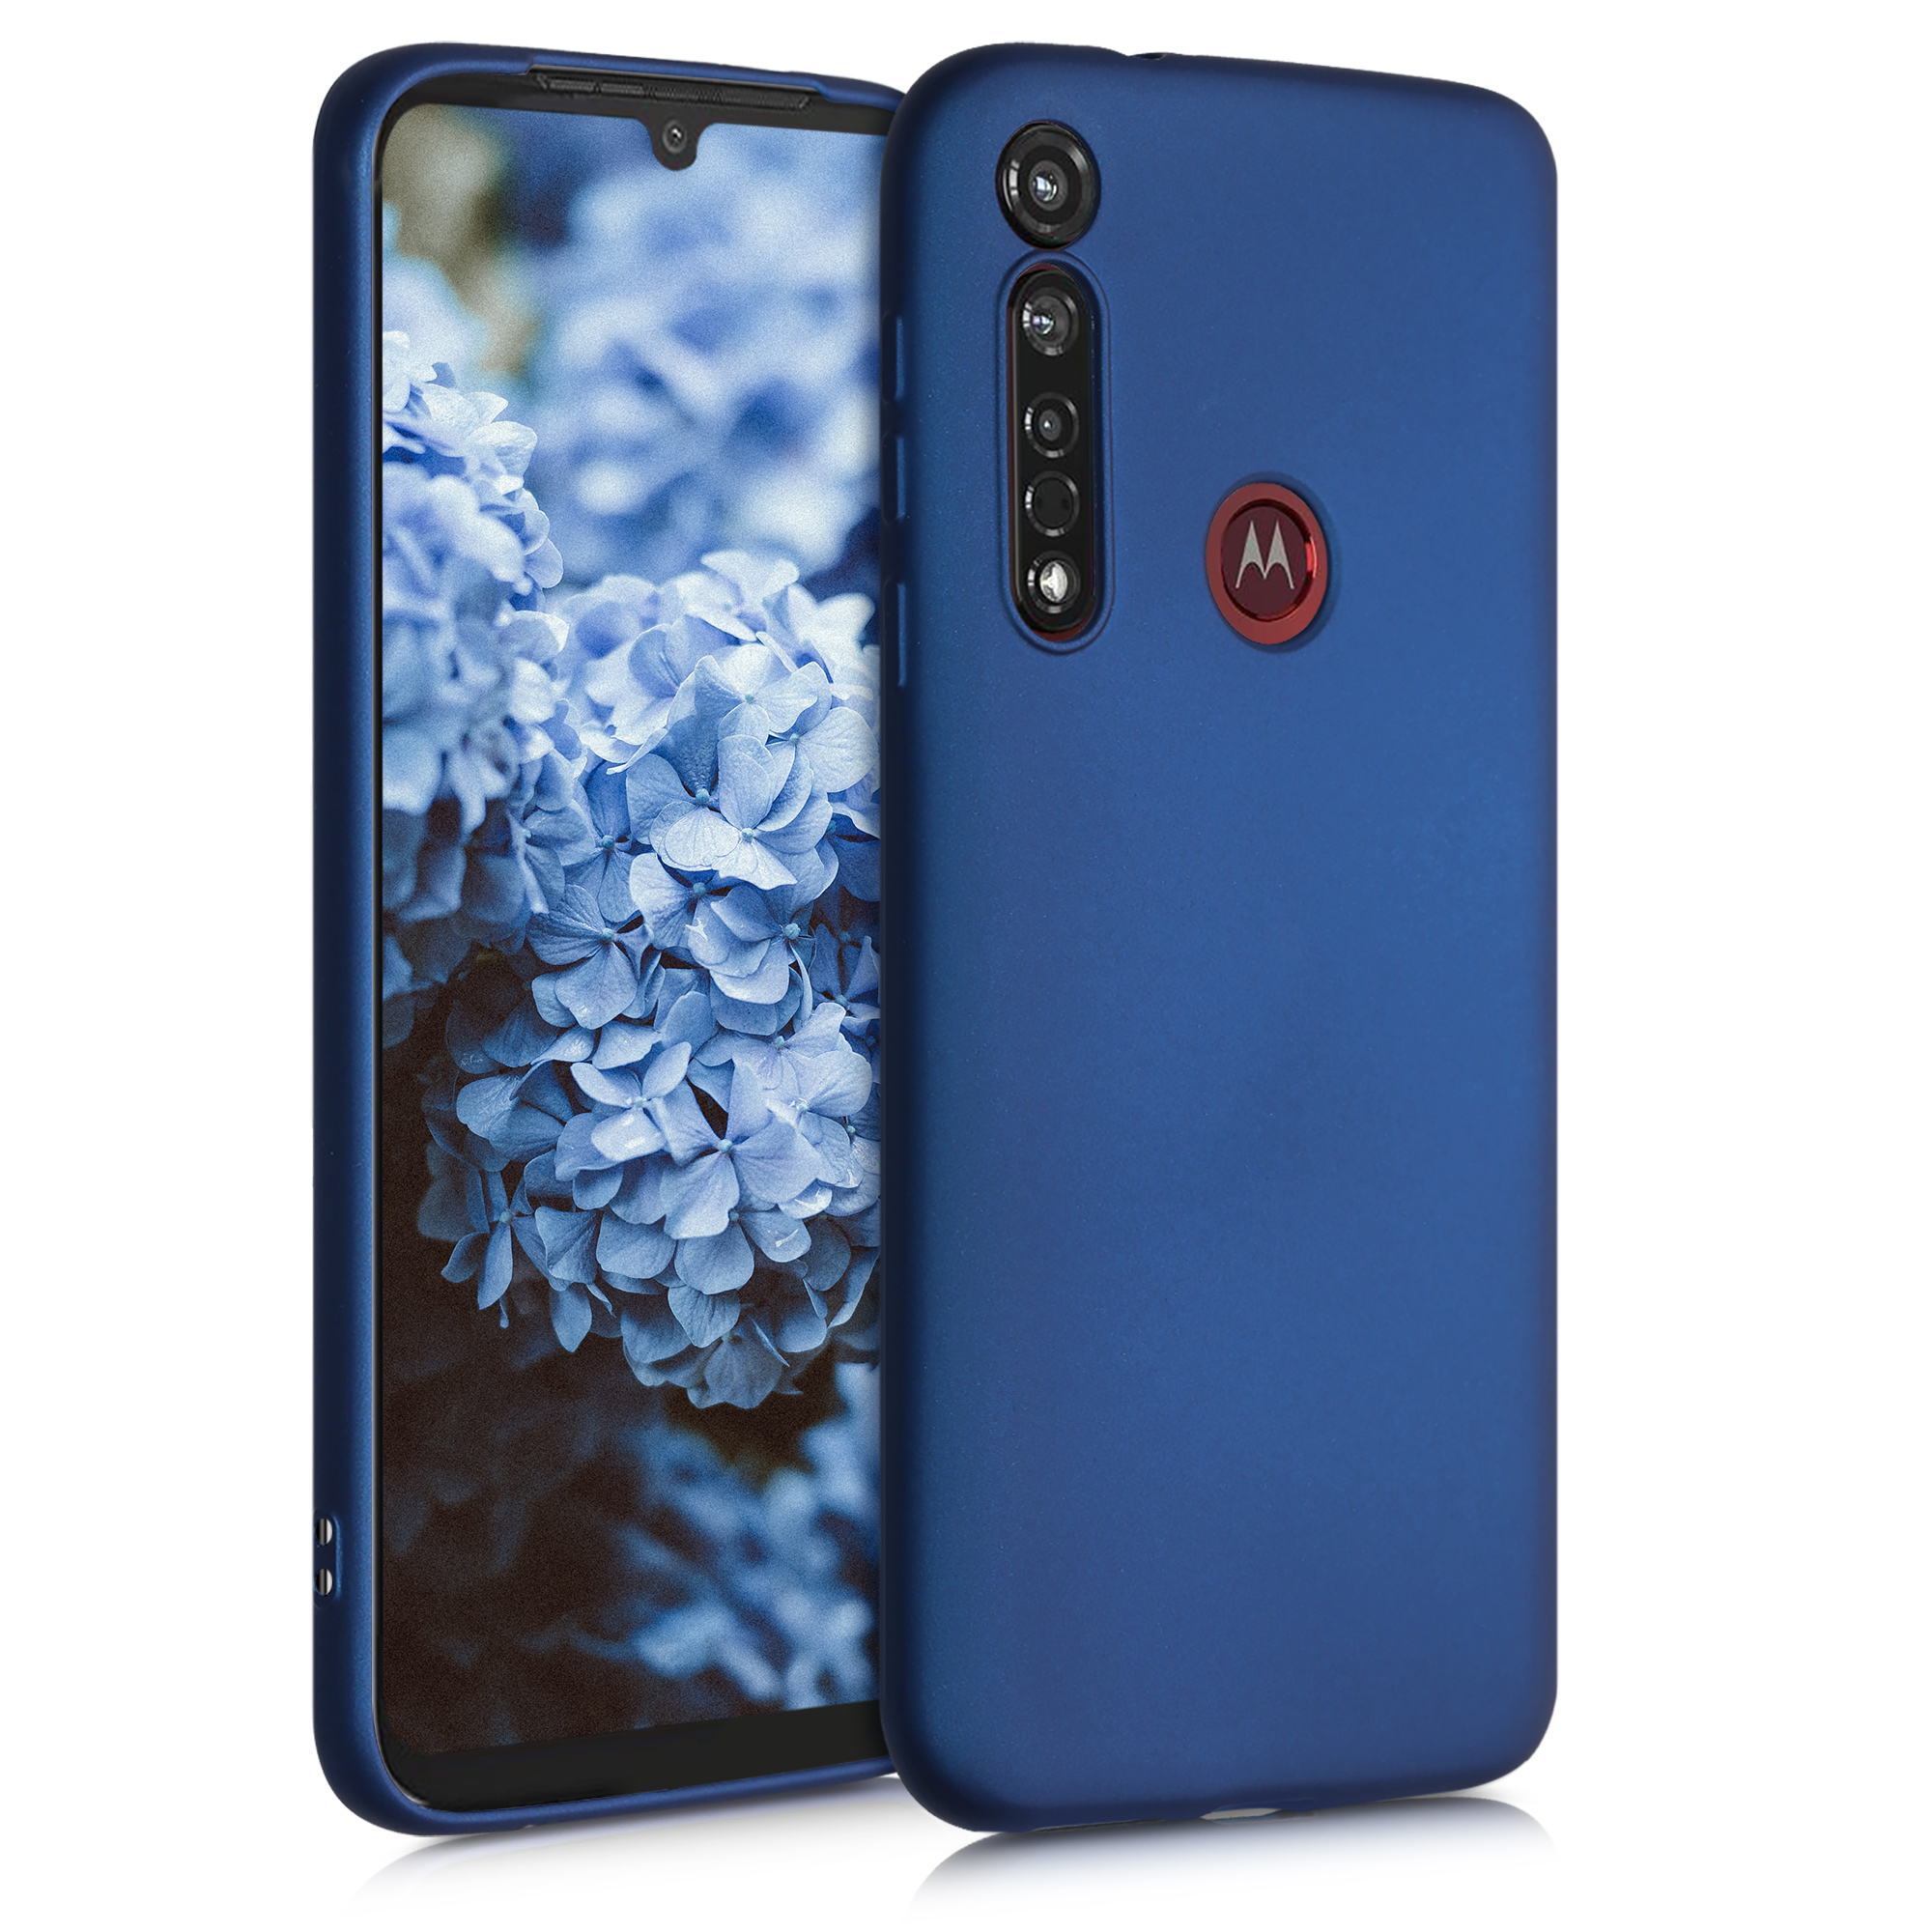 Kvalitní silikonové TPU pouzdro | obal pro Motorola Moto G8 Plus - Modrá metalíza